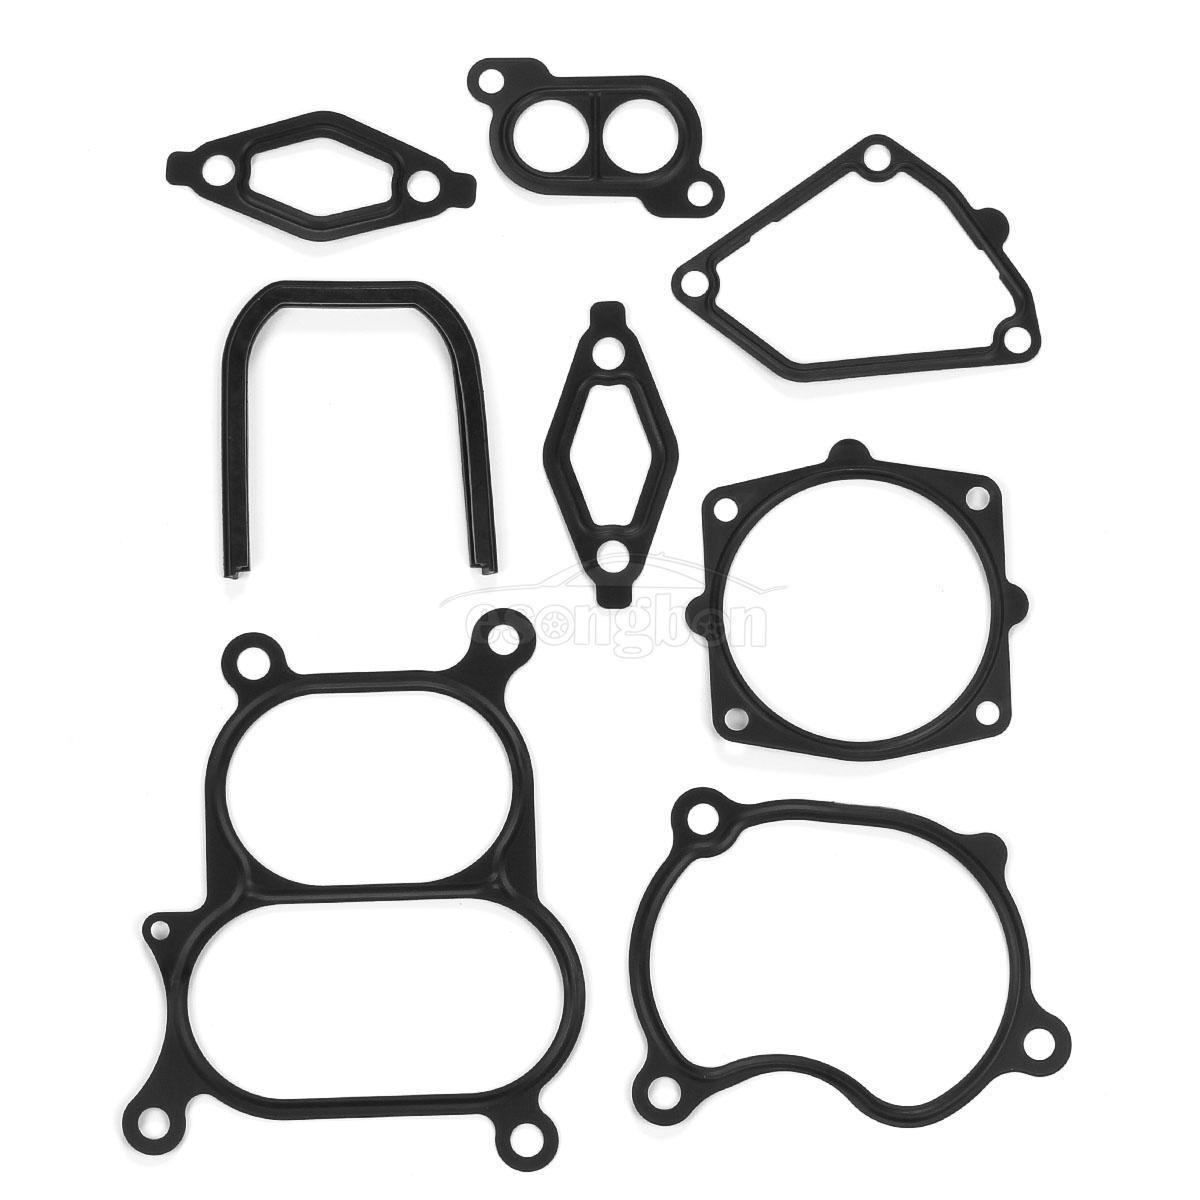 Cylinder Head Gasket Kit For Nissan Altima 02 06 3 5l